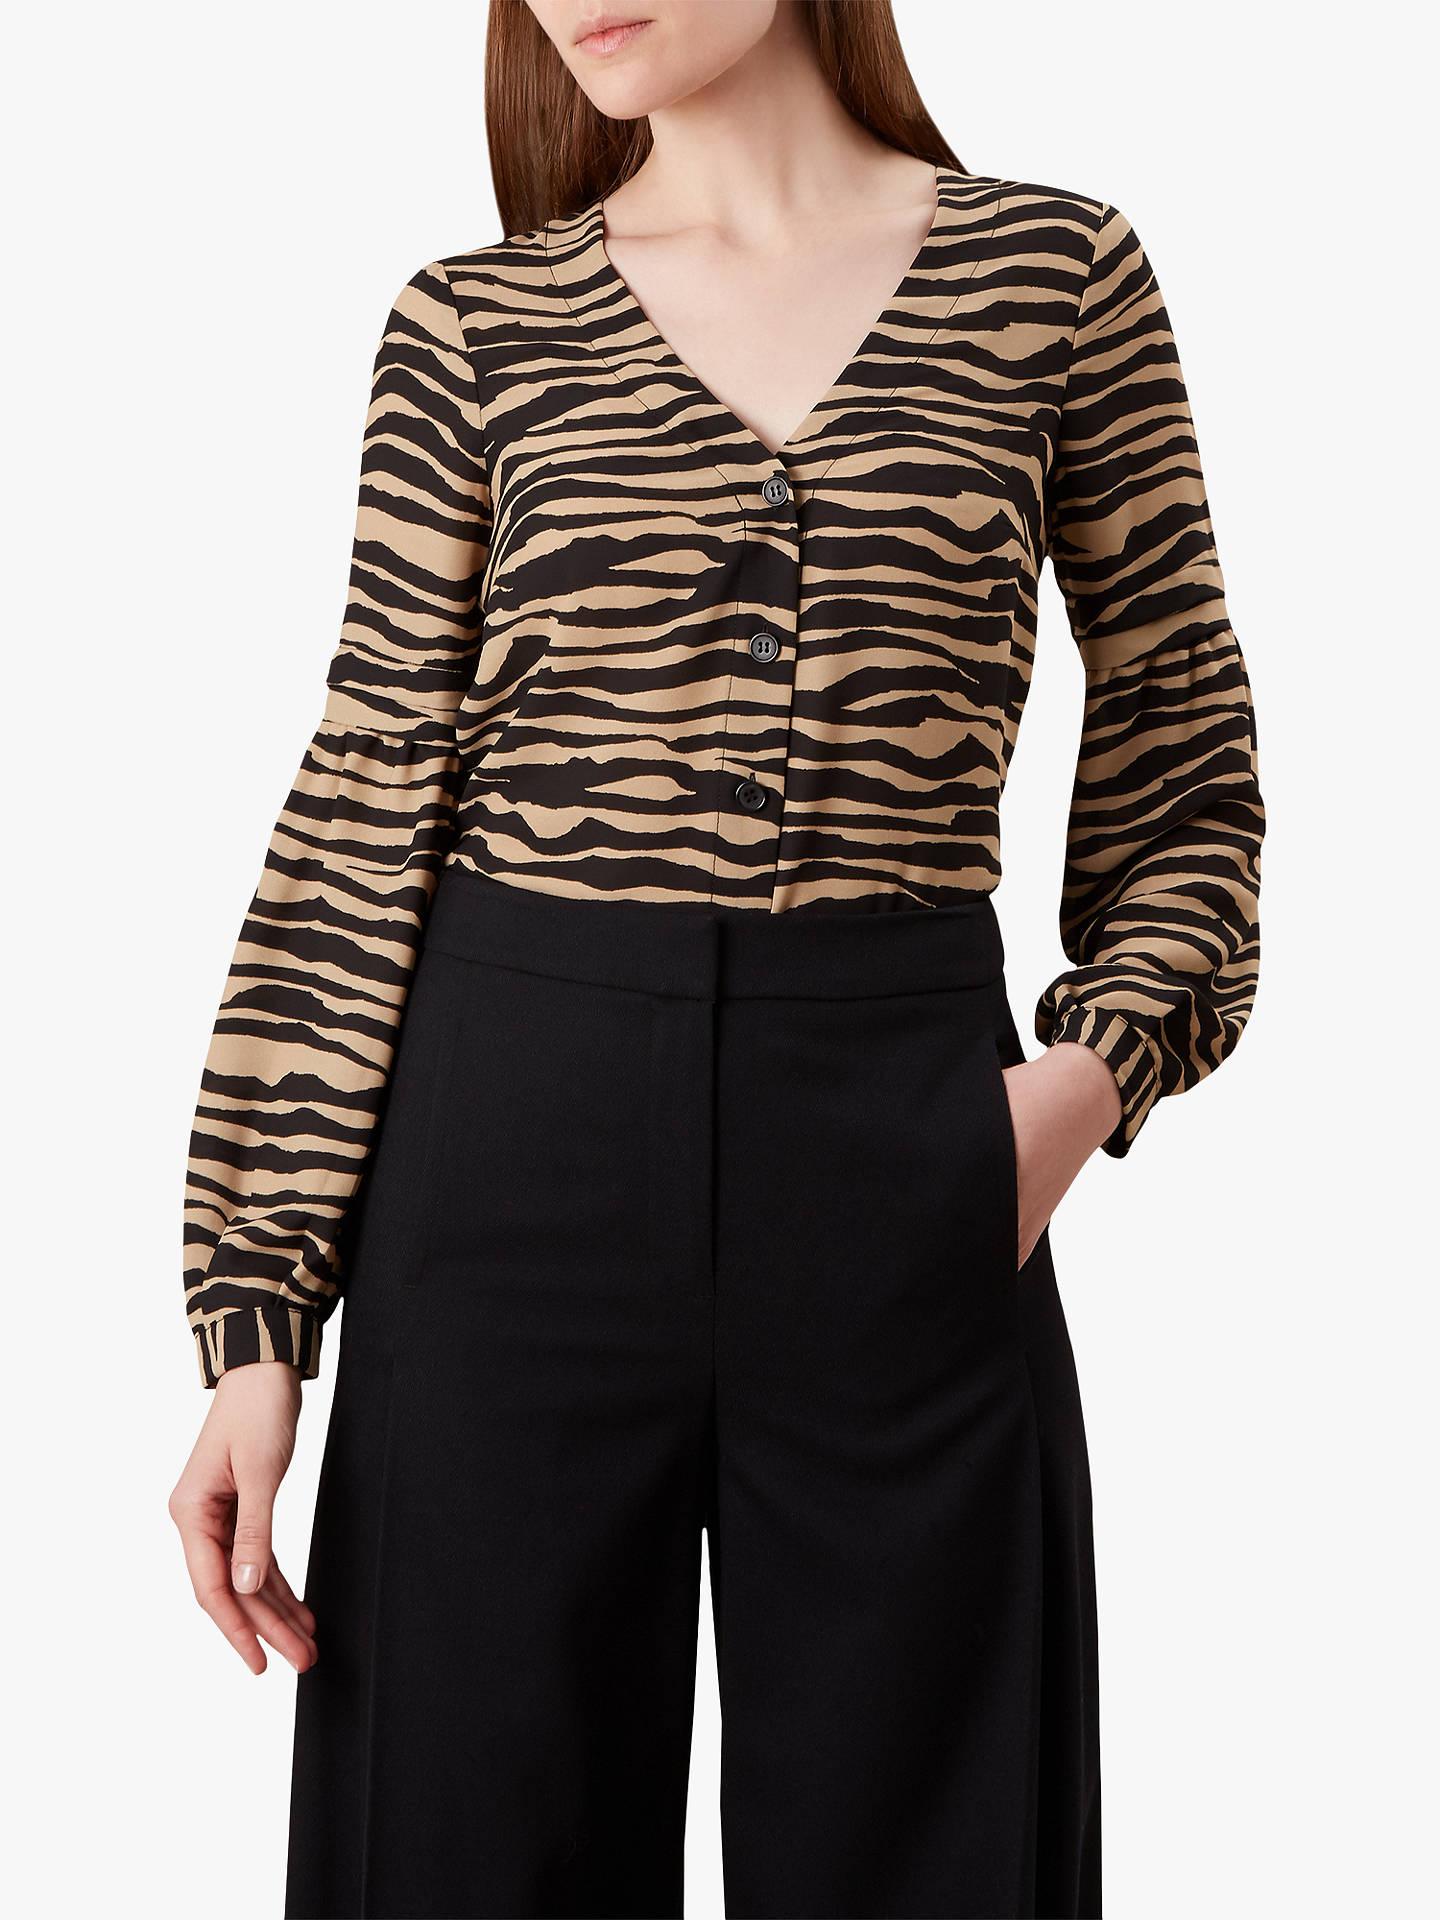 5d91994d17c8e Buy Hobbs Madeline Animal Print Shirt, Black/Neutral, 8 Online at johnlewis.